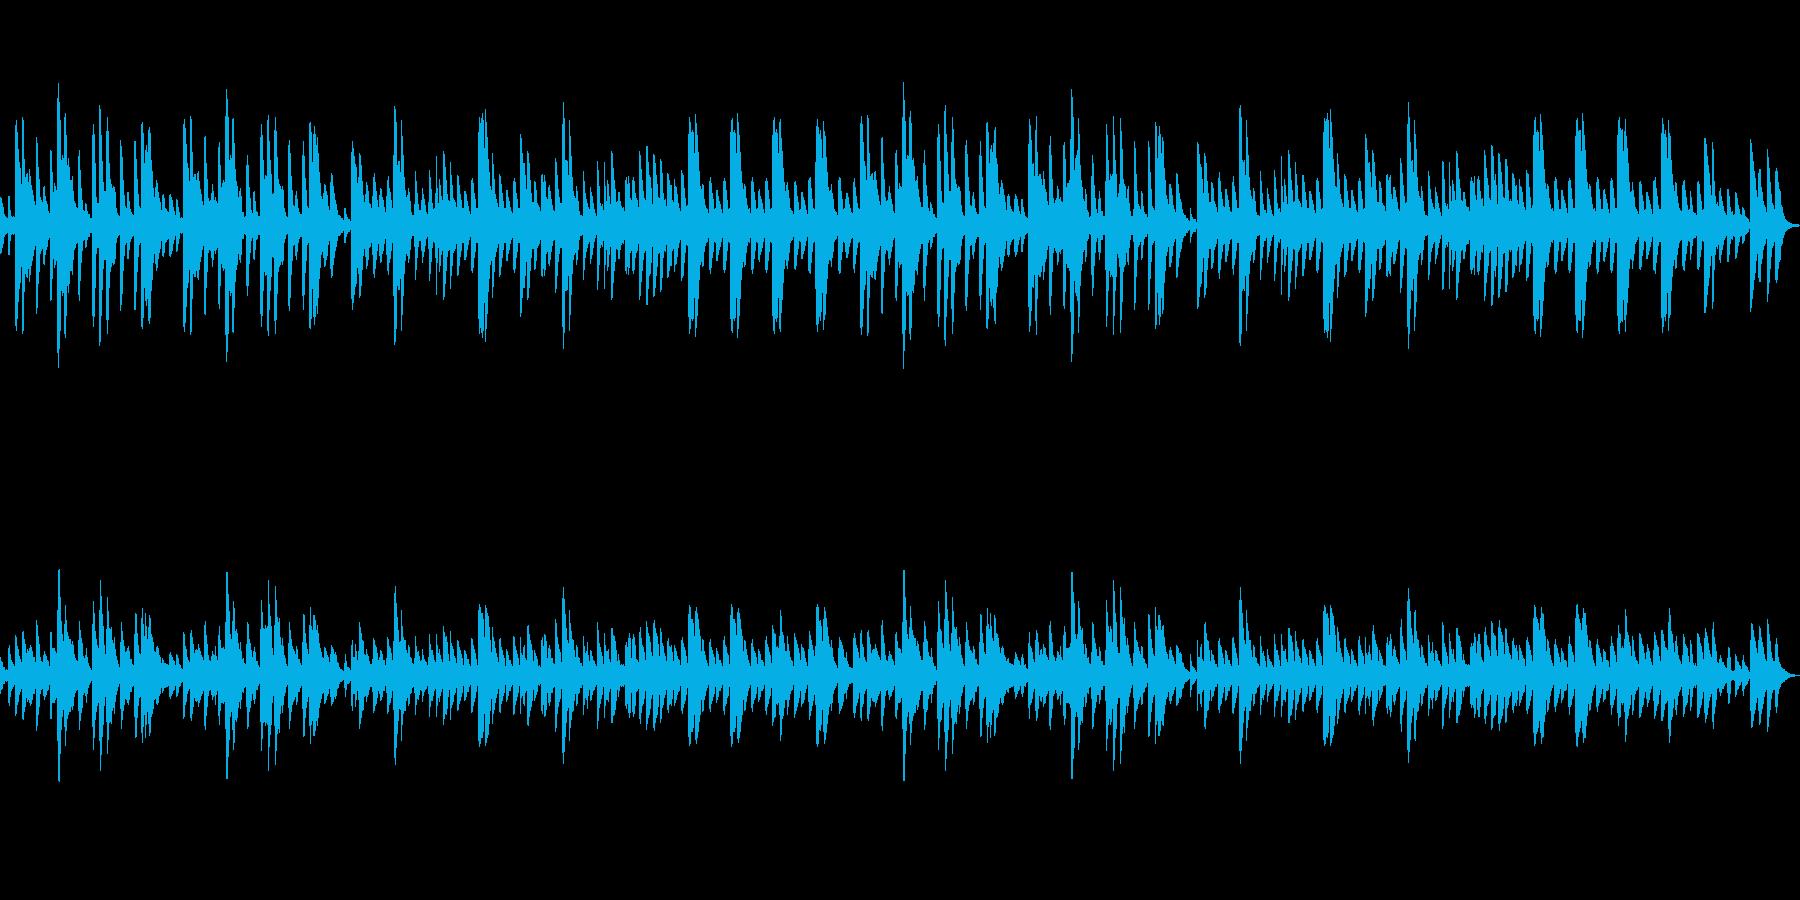 回想・追憶・思い出のようなオルゴール曲の再生済みの波形